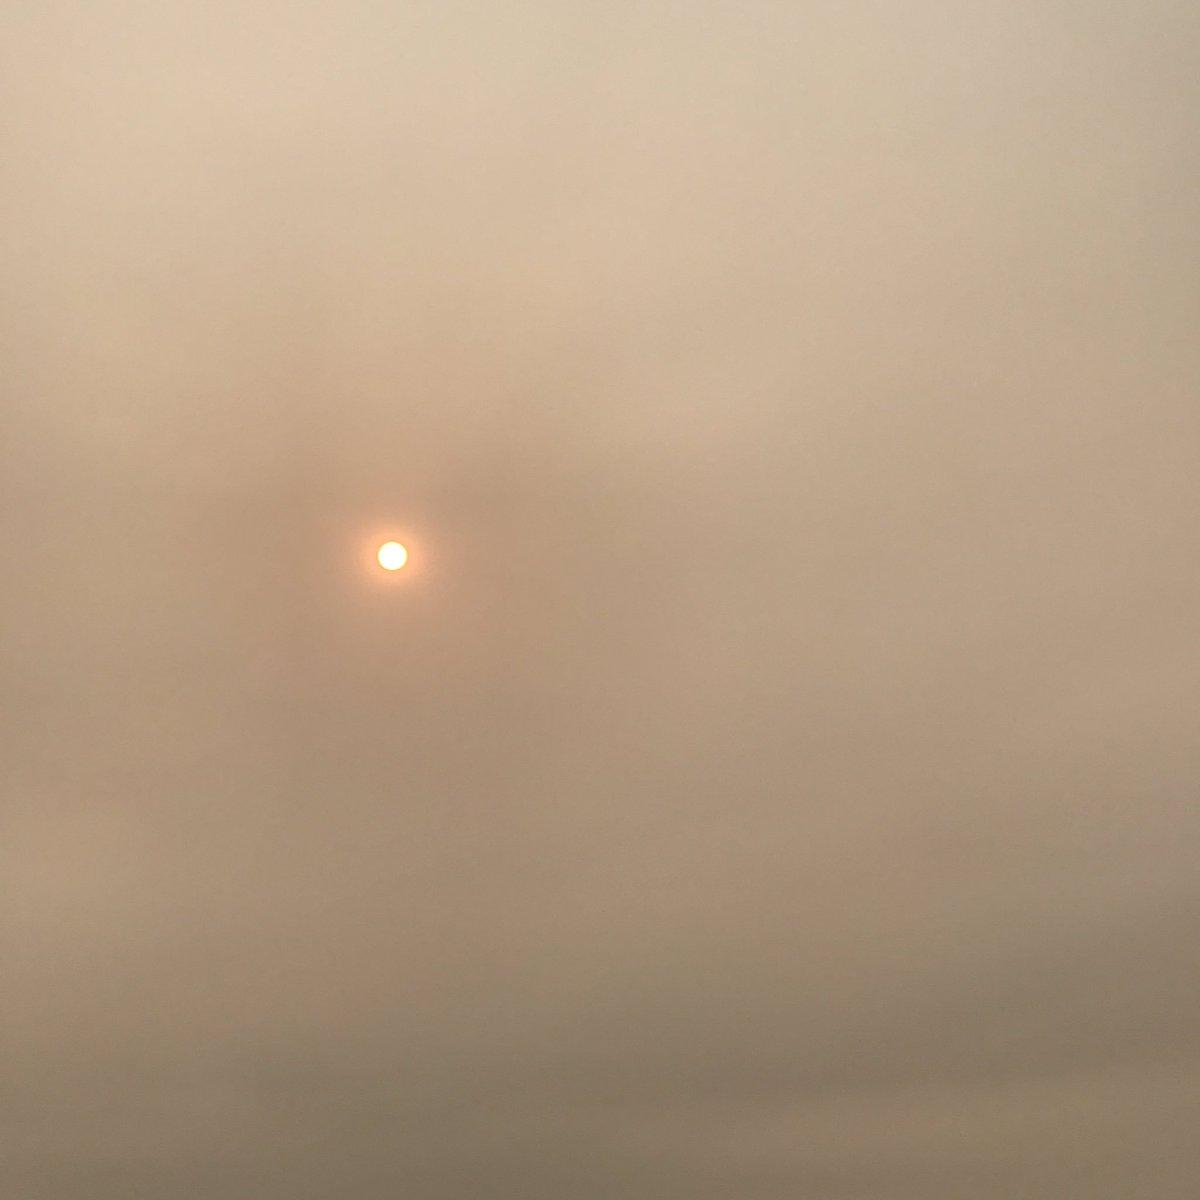 50 nuances de jaune dans le ciel angevin. #Ouragan #Ophelia #Angerspic.twitter.com/GkfHpvtahB